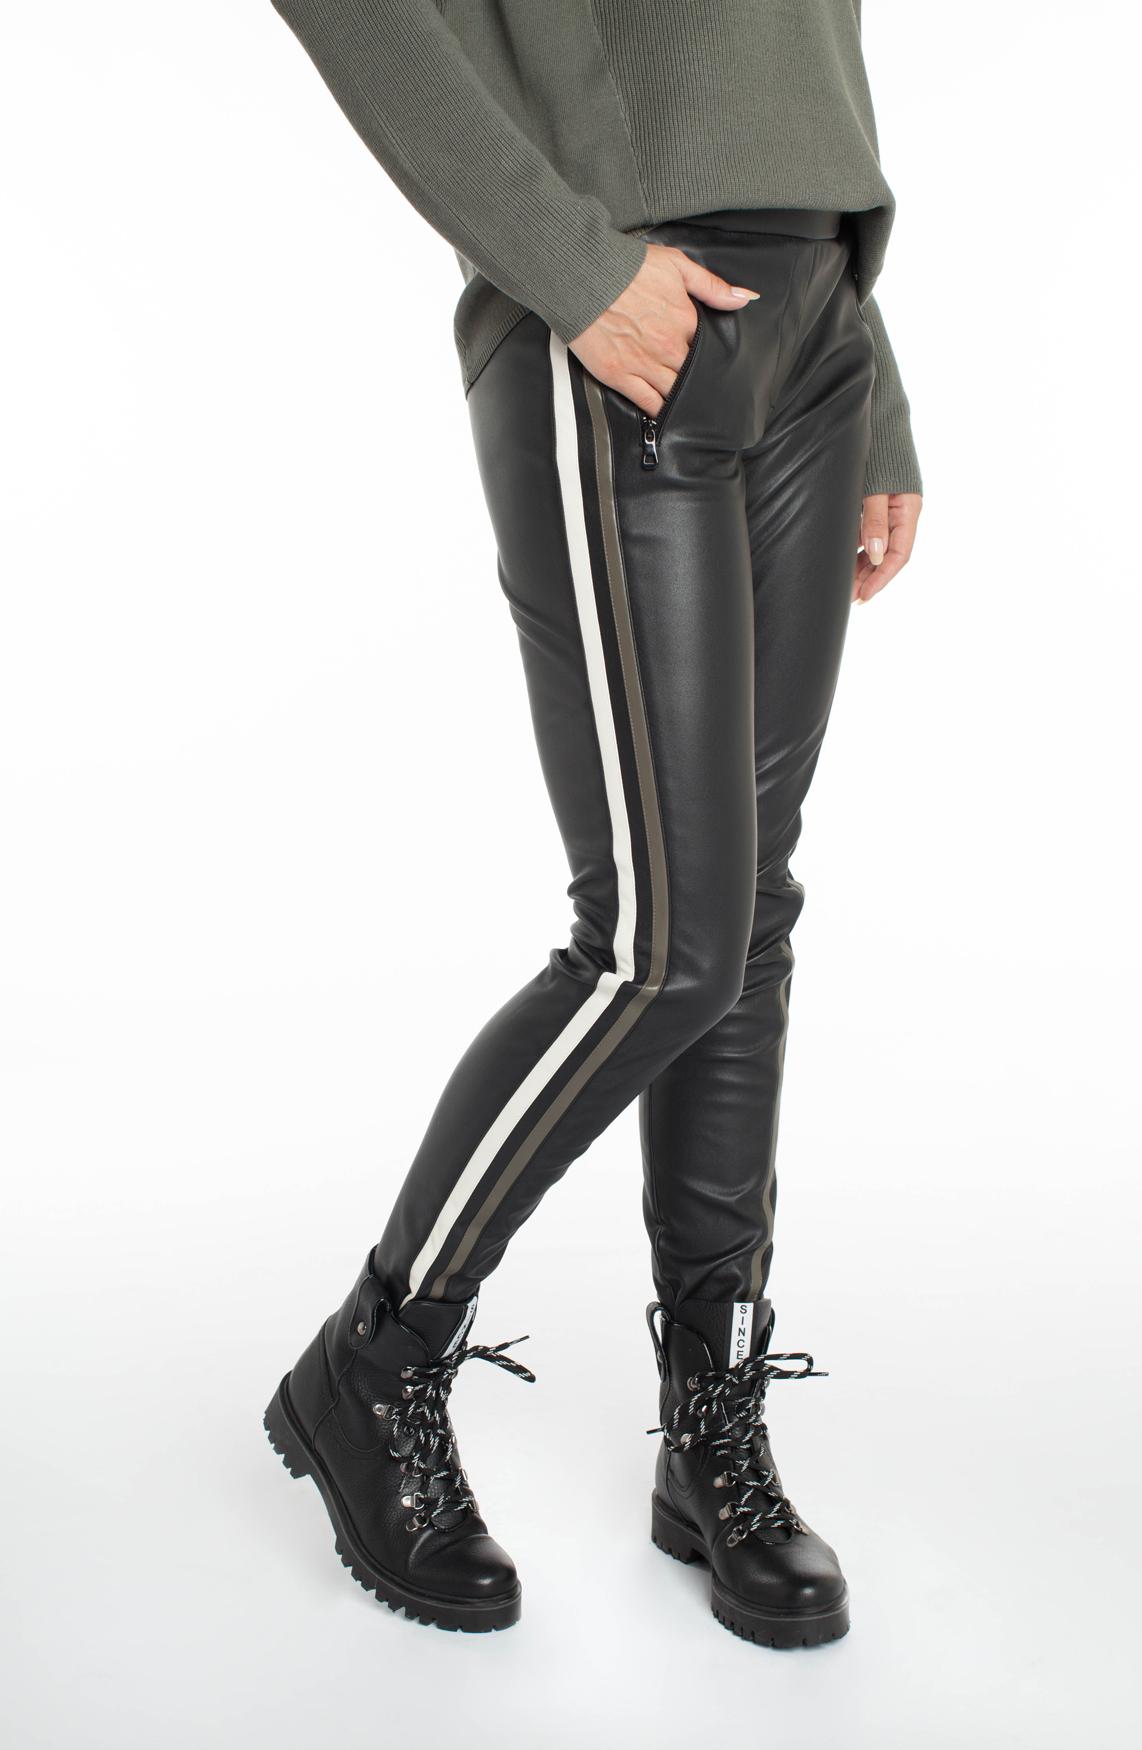 Anna Dames Fake leather broek met bies zwart